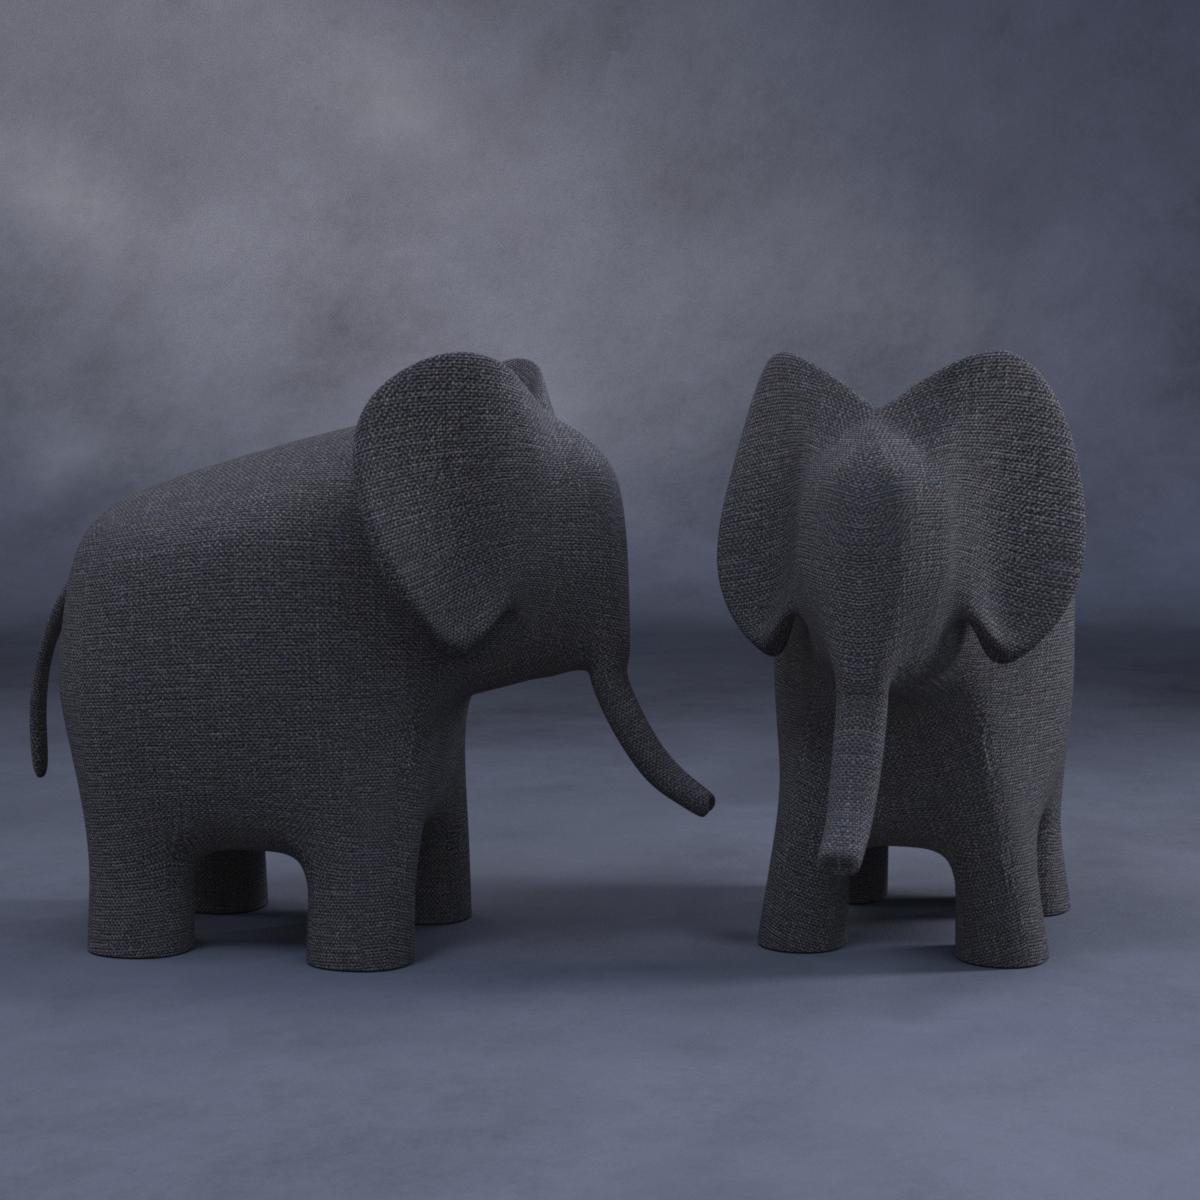 DAZ Freebie: Deco elephant